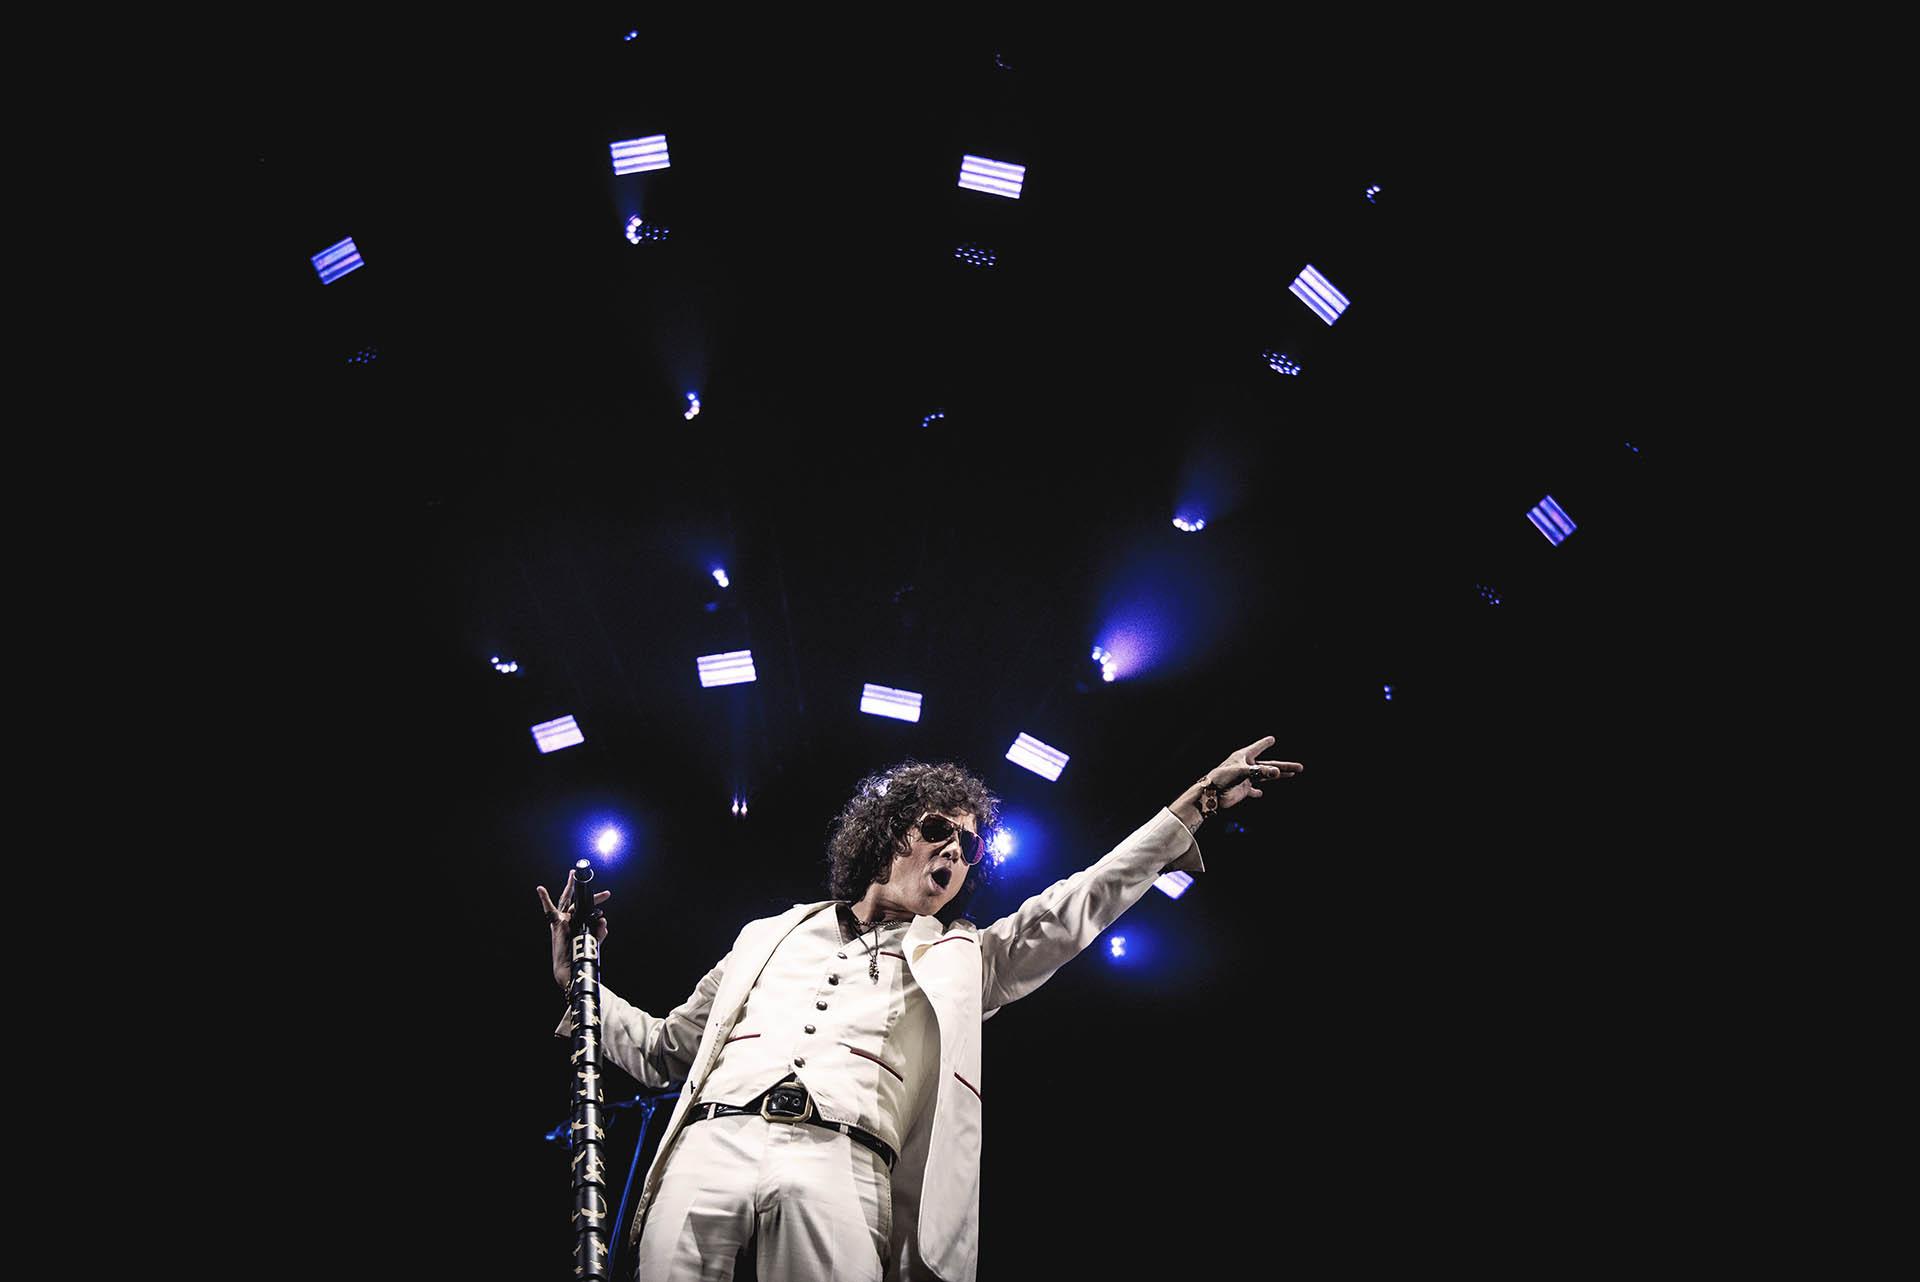 Crónica del concierto de Bunbury en Zaragoza con su disco Expectativas